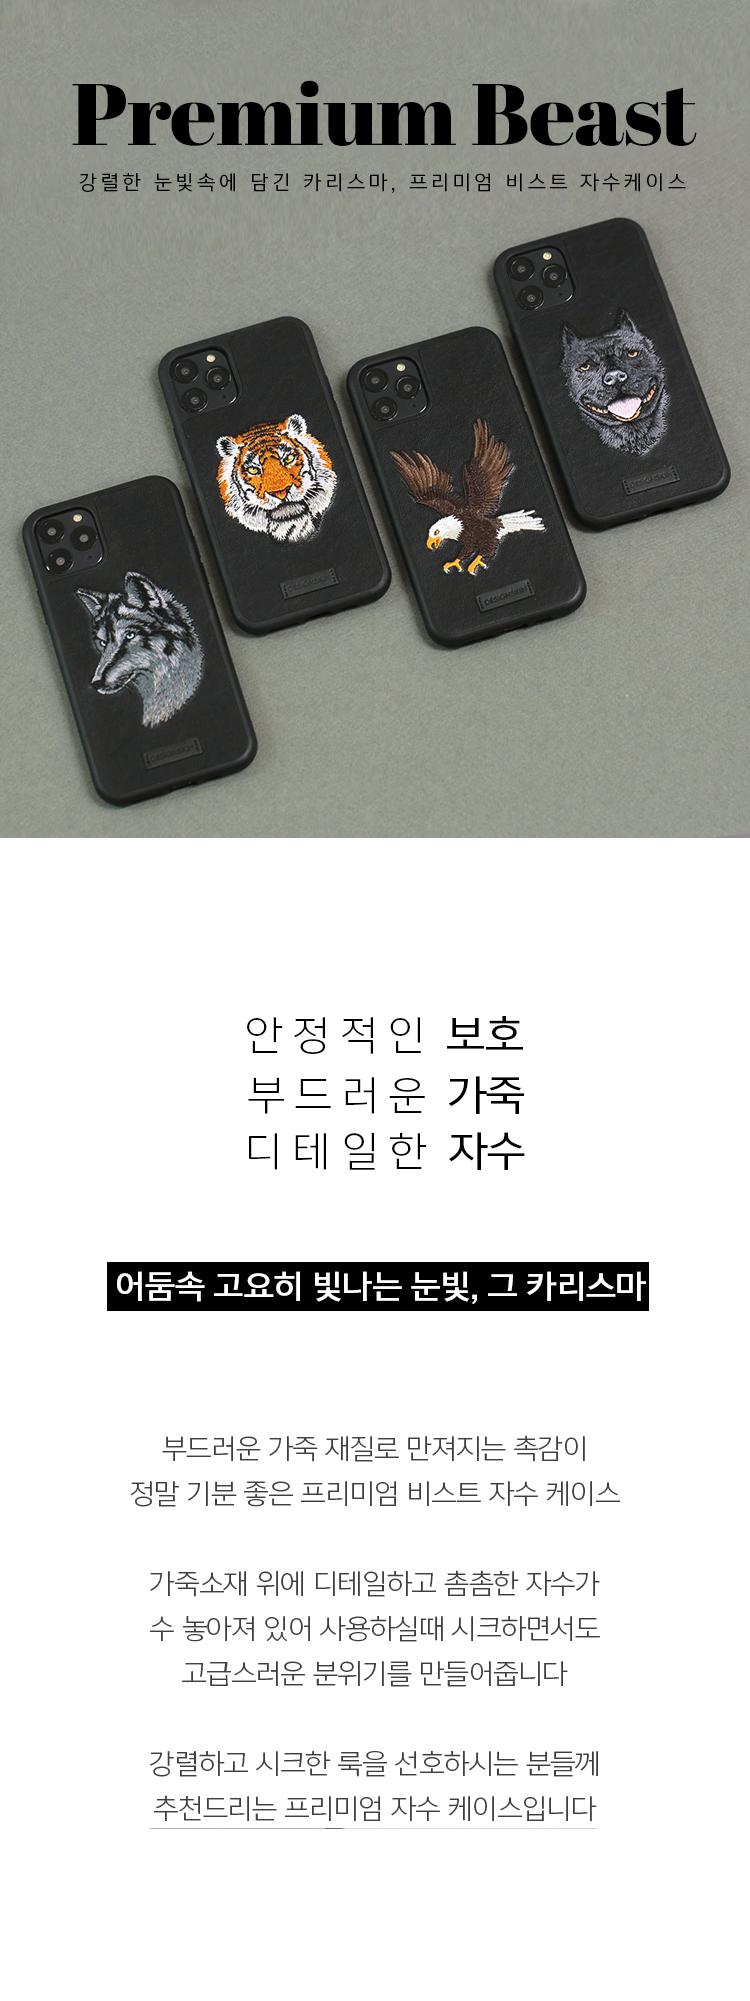 디자인스킨(DESIGNSKIN) 아이폰/갤럭시/갤럭시노트 프리미엄 자수 비스트 케이스